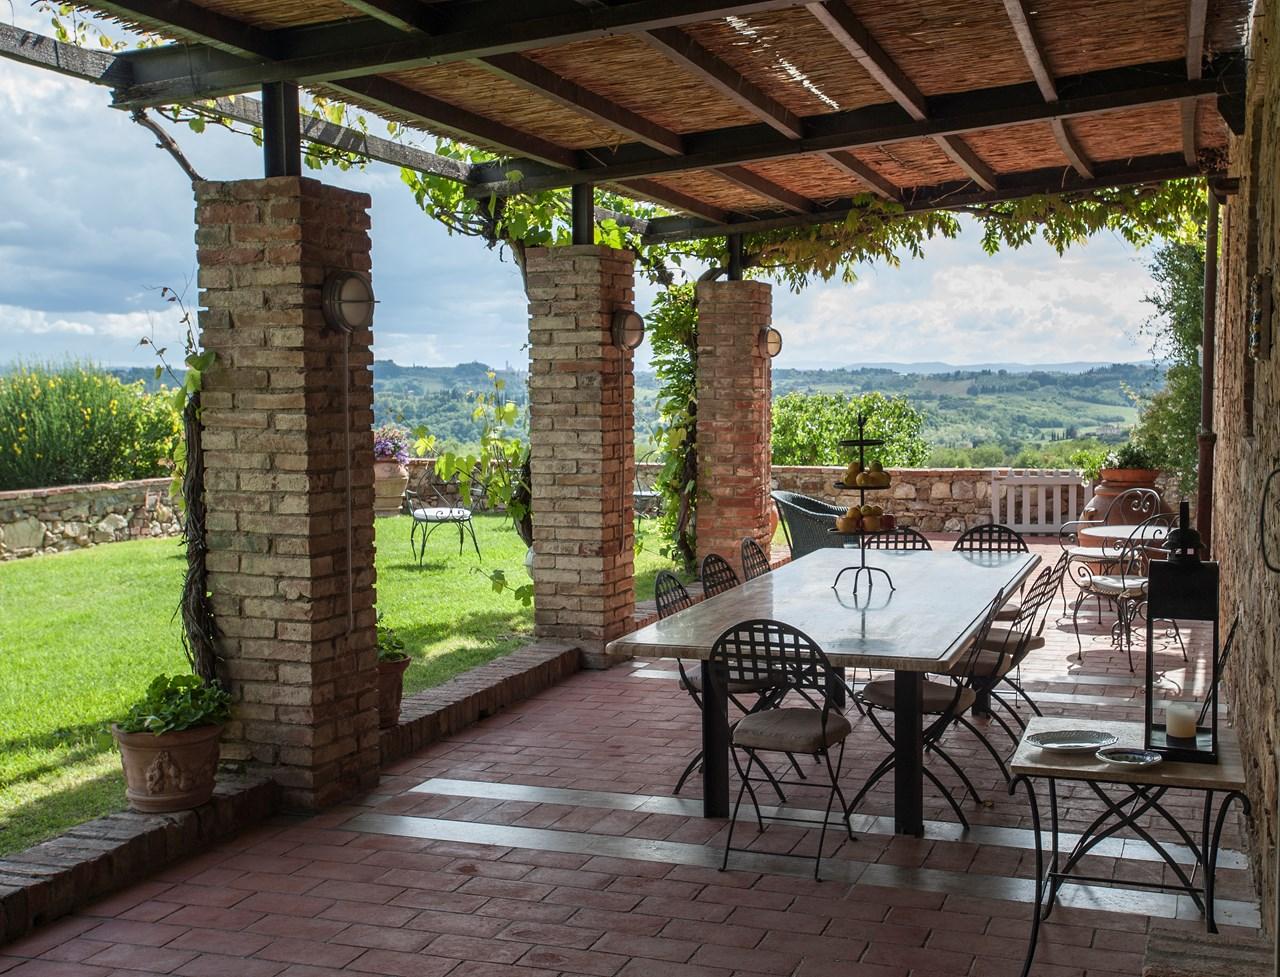 WIMCO Villas, BRV GEG, Italy, Tuscany/Siena, 5 bedrooms, 5 bathrooms